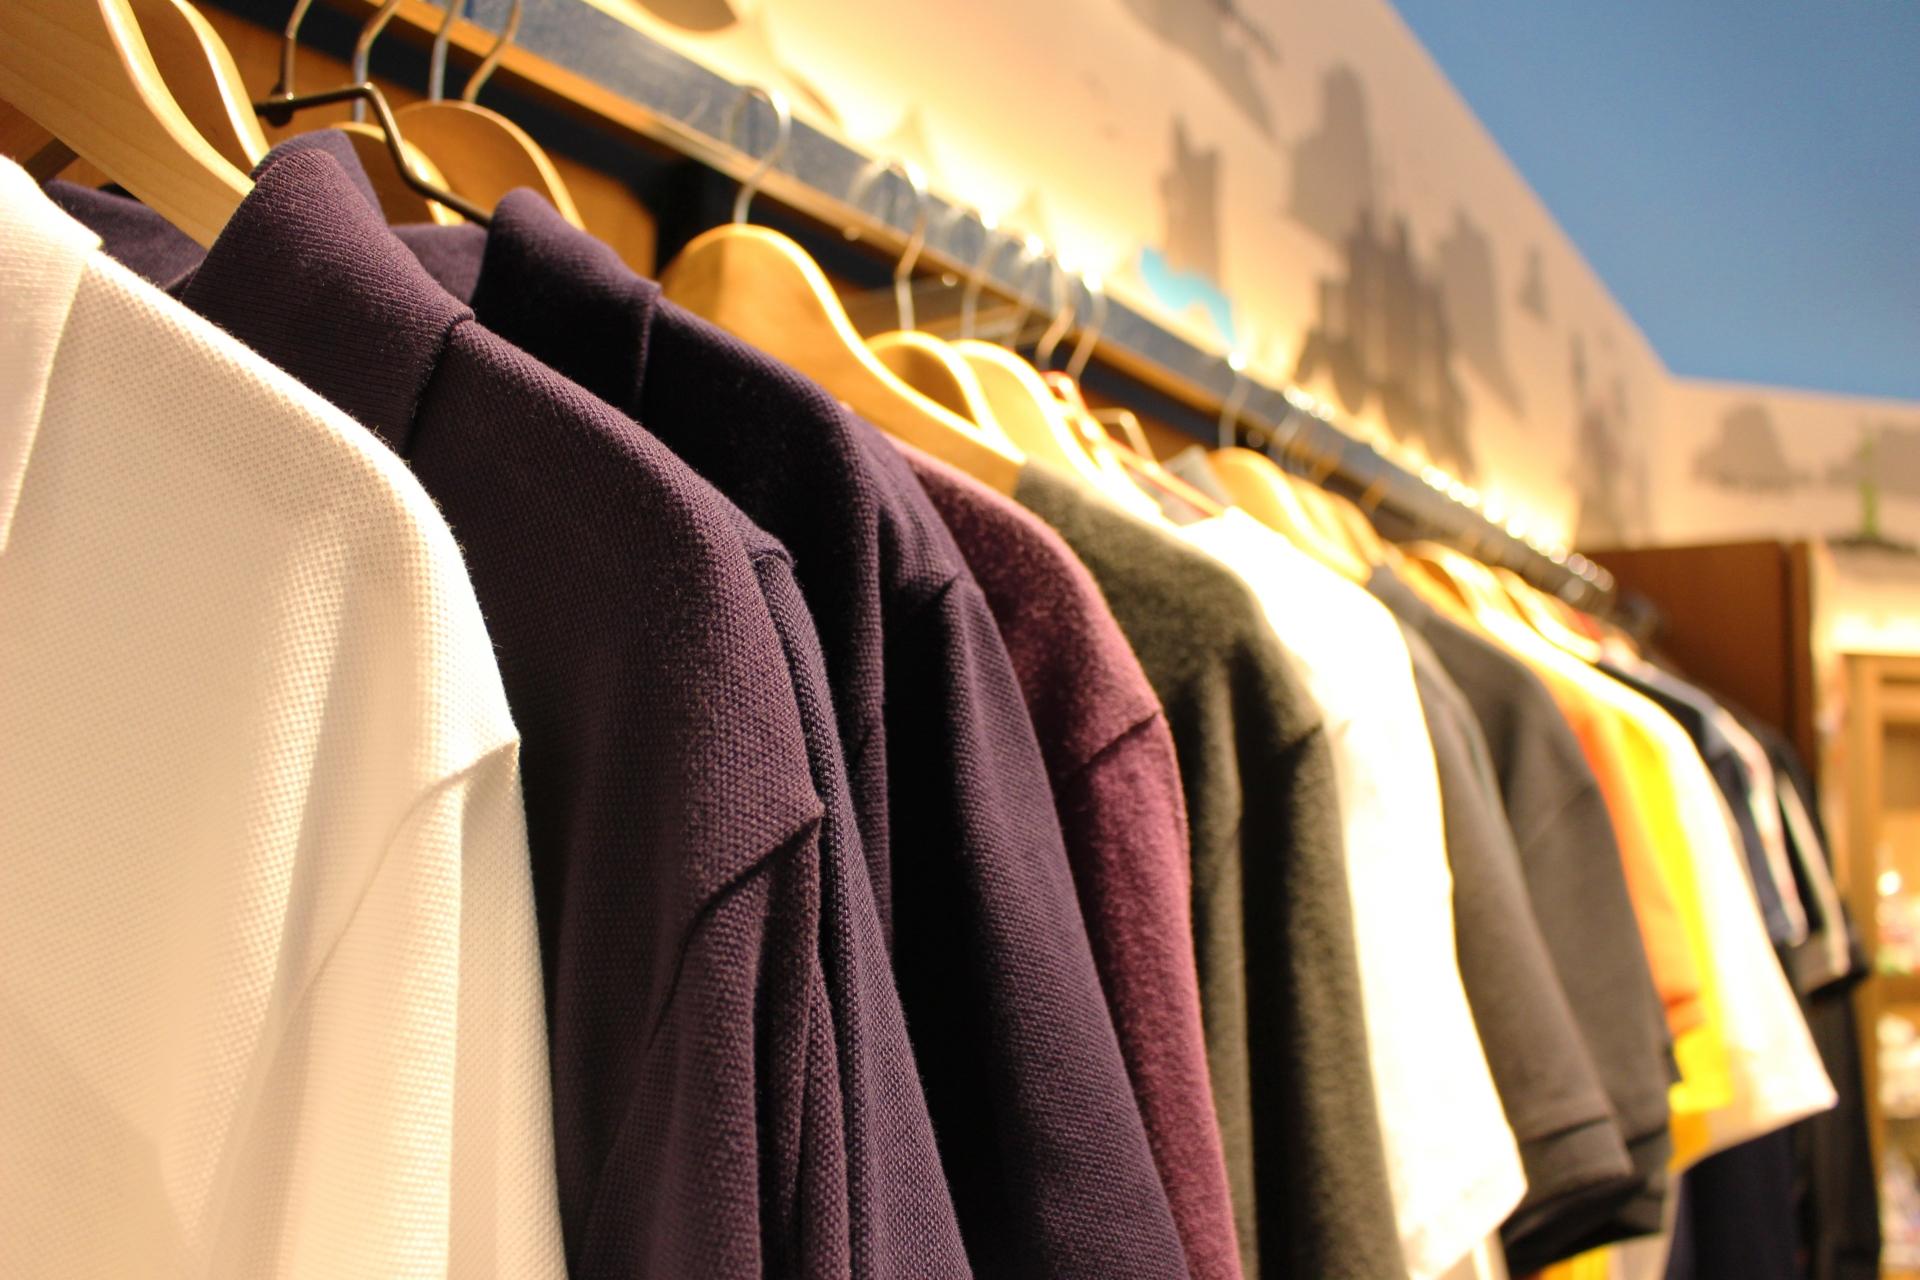 ポロシャツのコーデ・メンズ編!重ね着の合わせ方やおすすめブランドは?